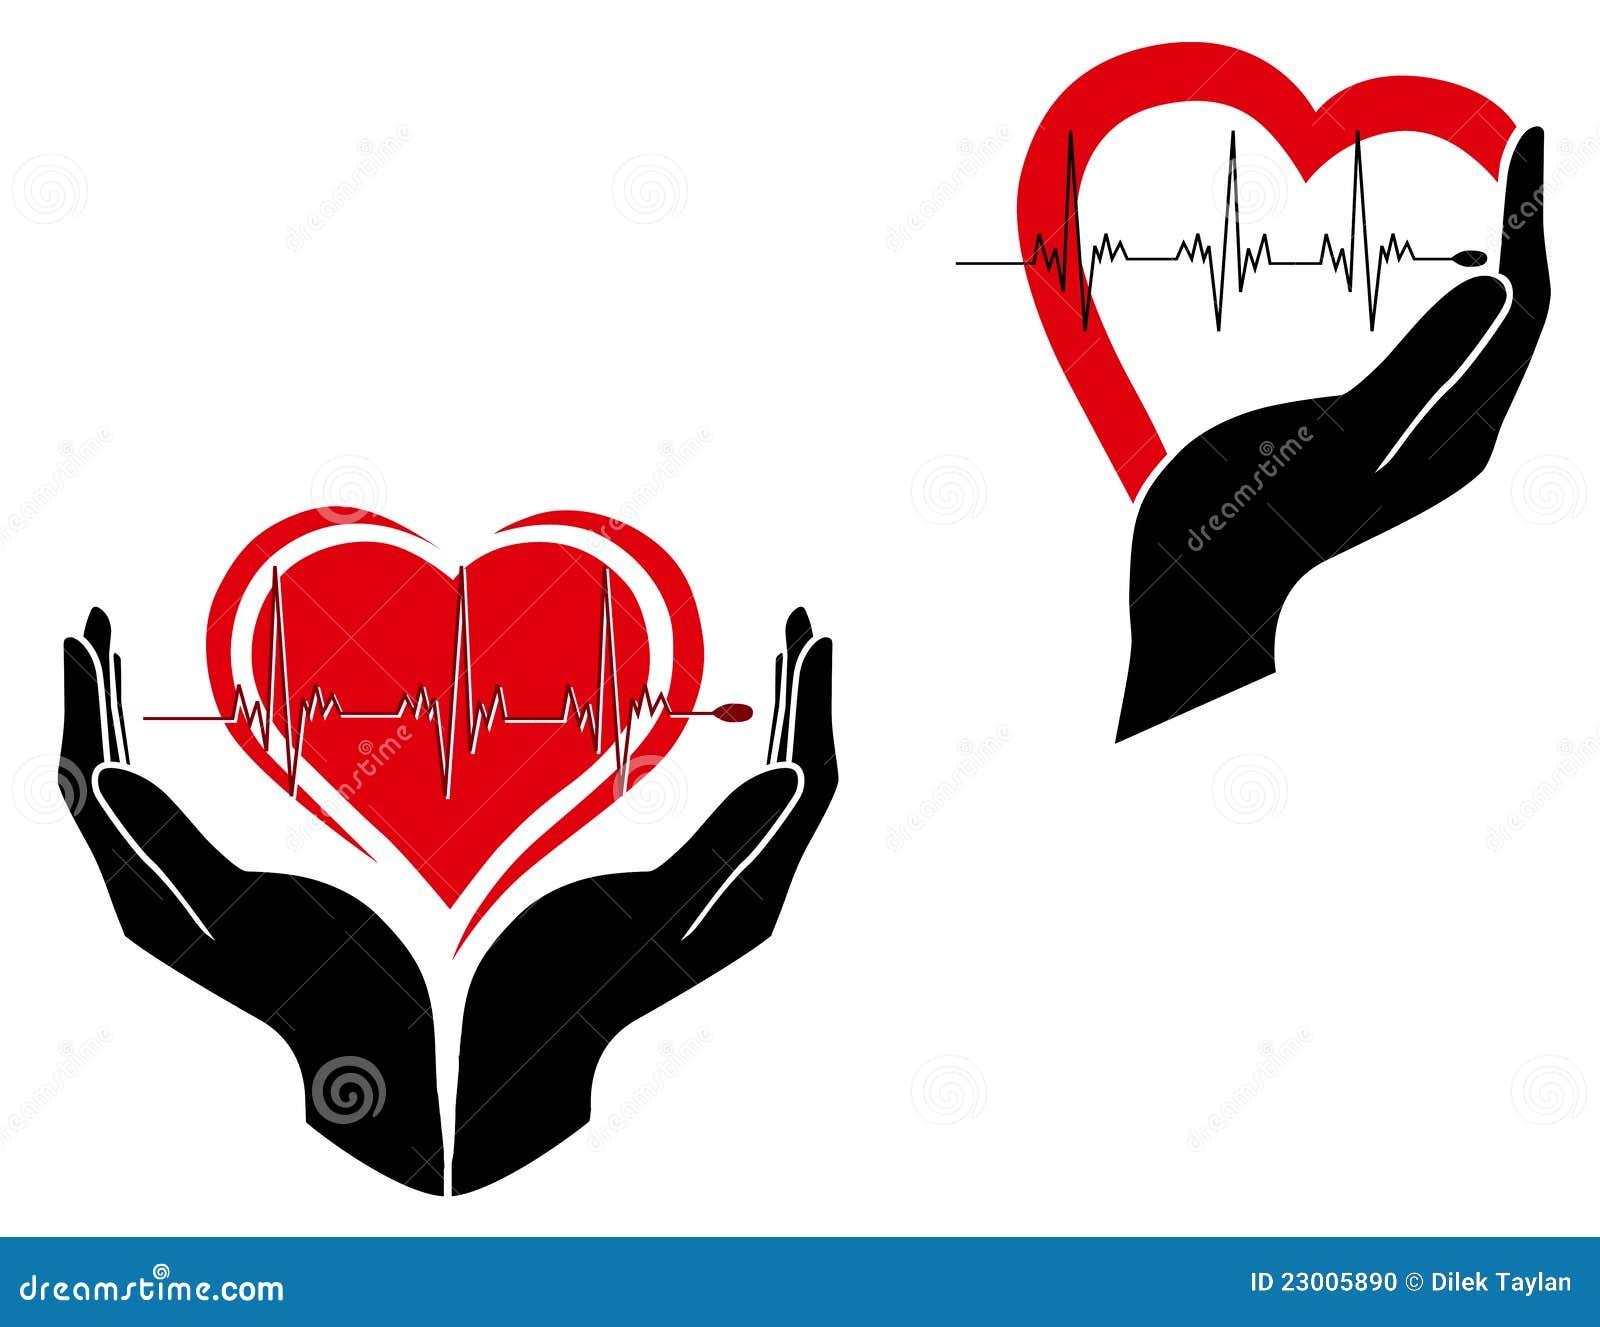 illustration of medical care symbols. Nursing Symbol Design